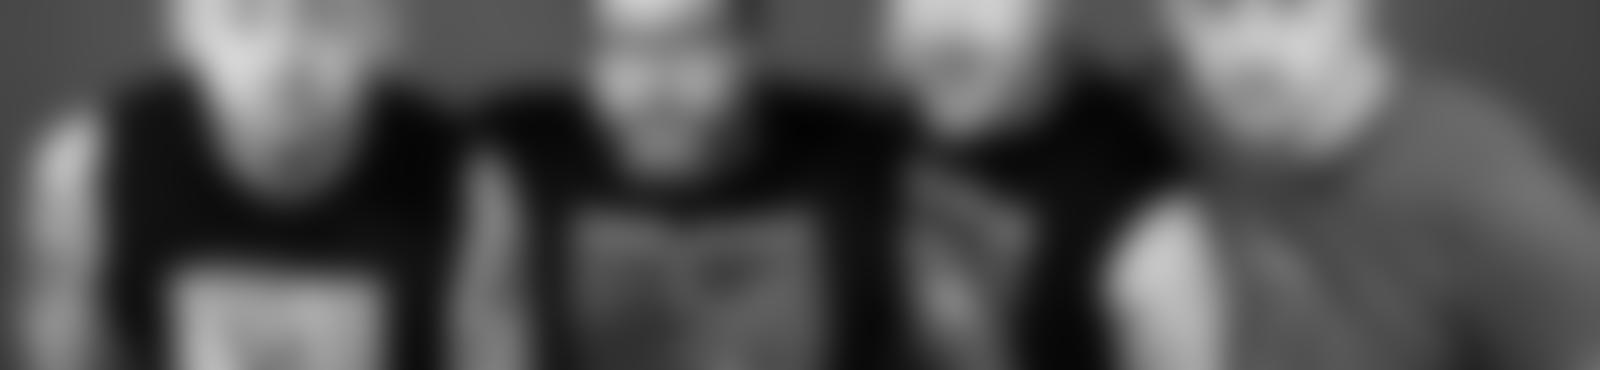 Blurred 008f6888 8da0 46e4 8448 d8c61bb87cae